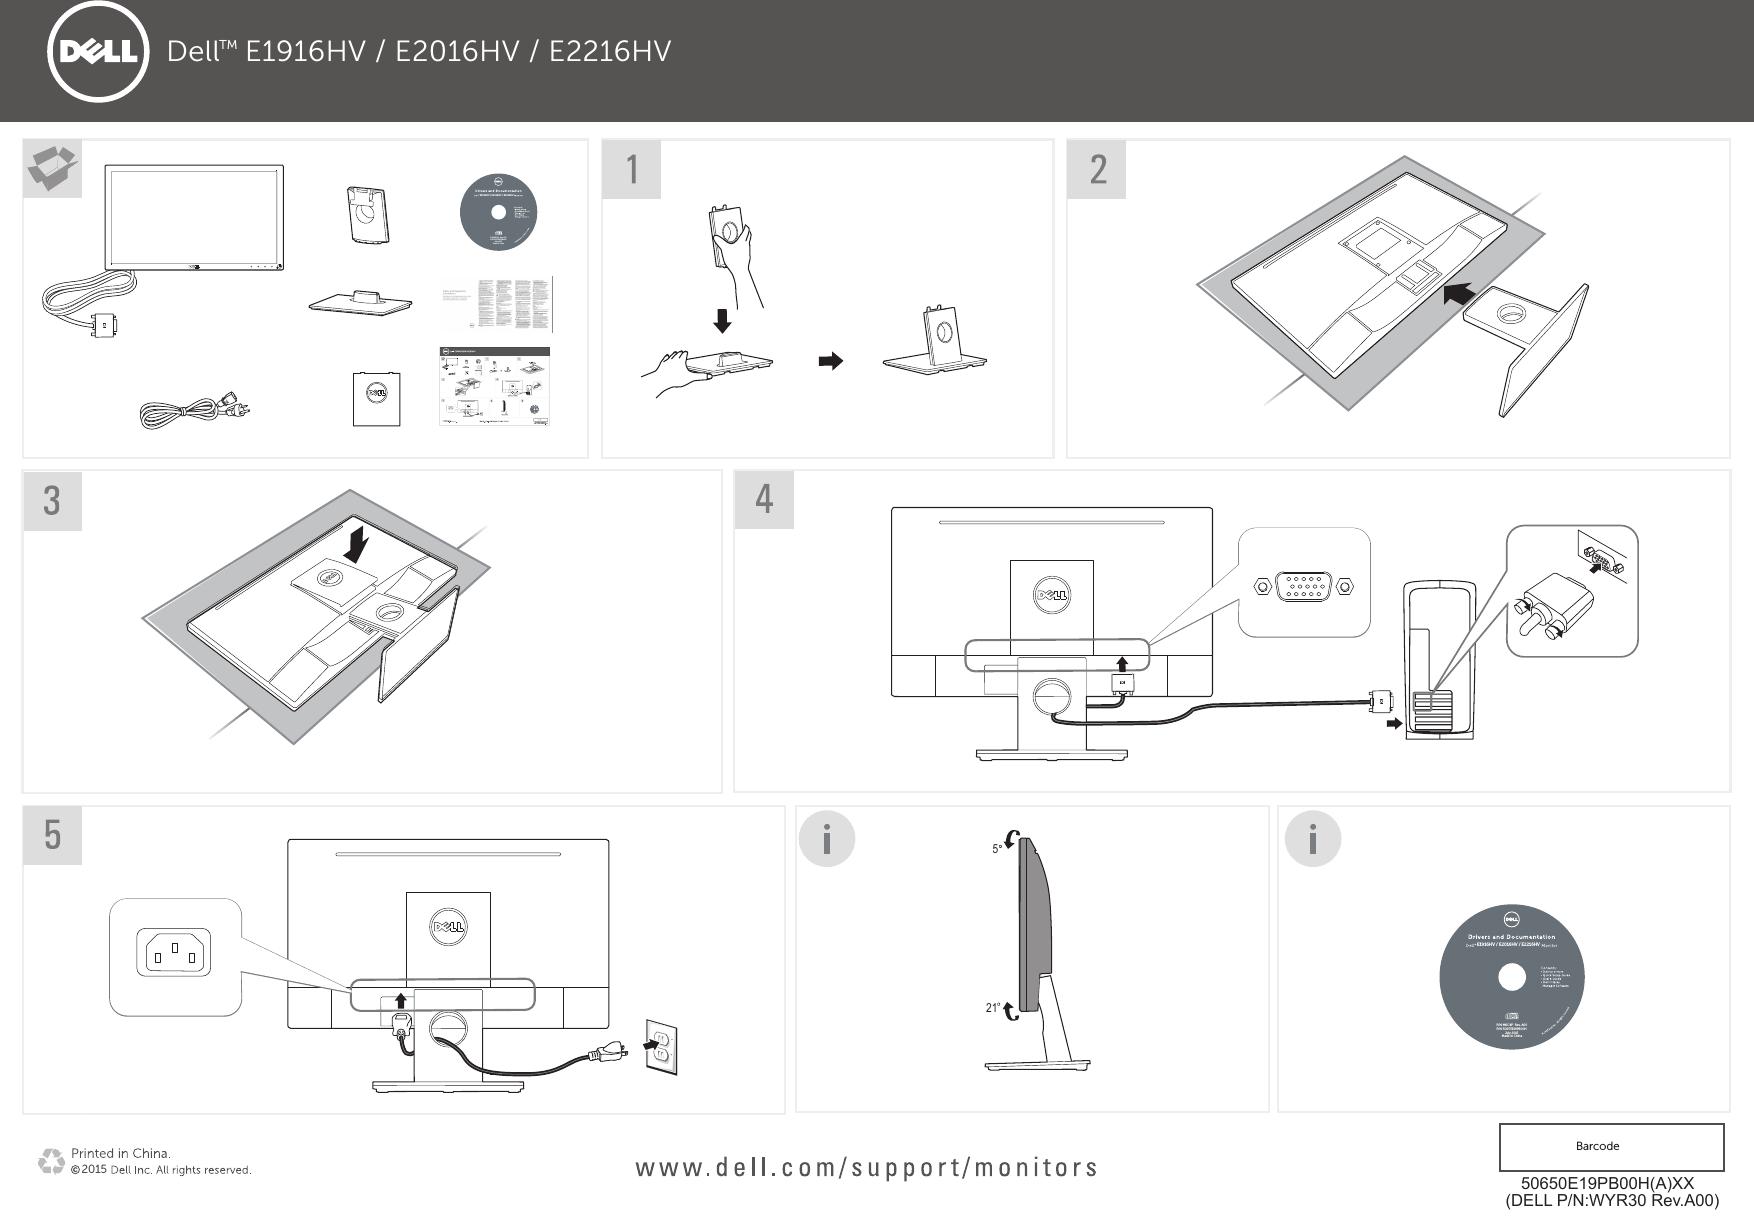 Dell e1916hv monitor Quick Start Guide User Manual Setup En us